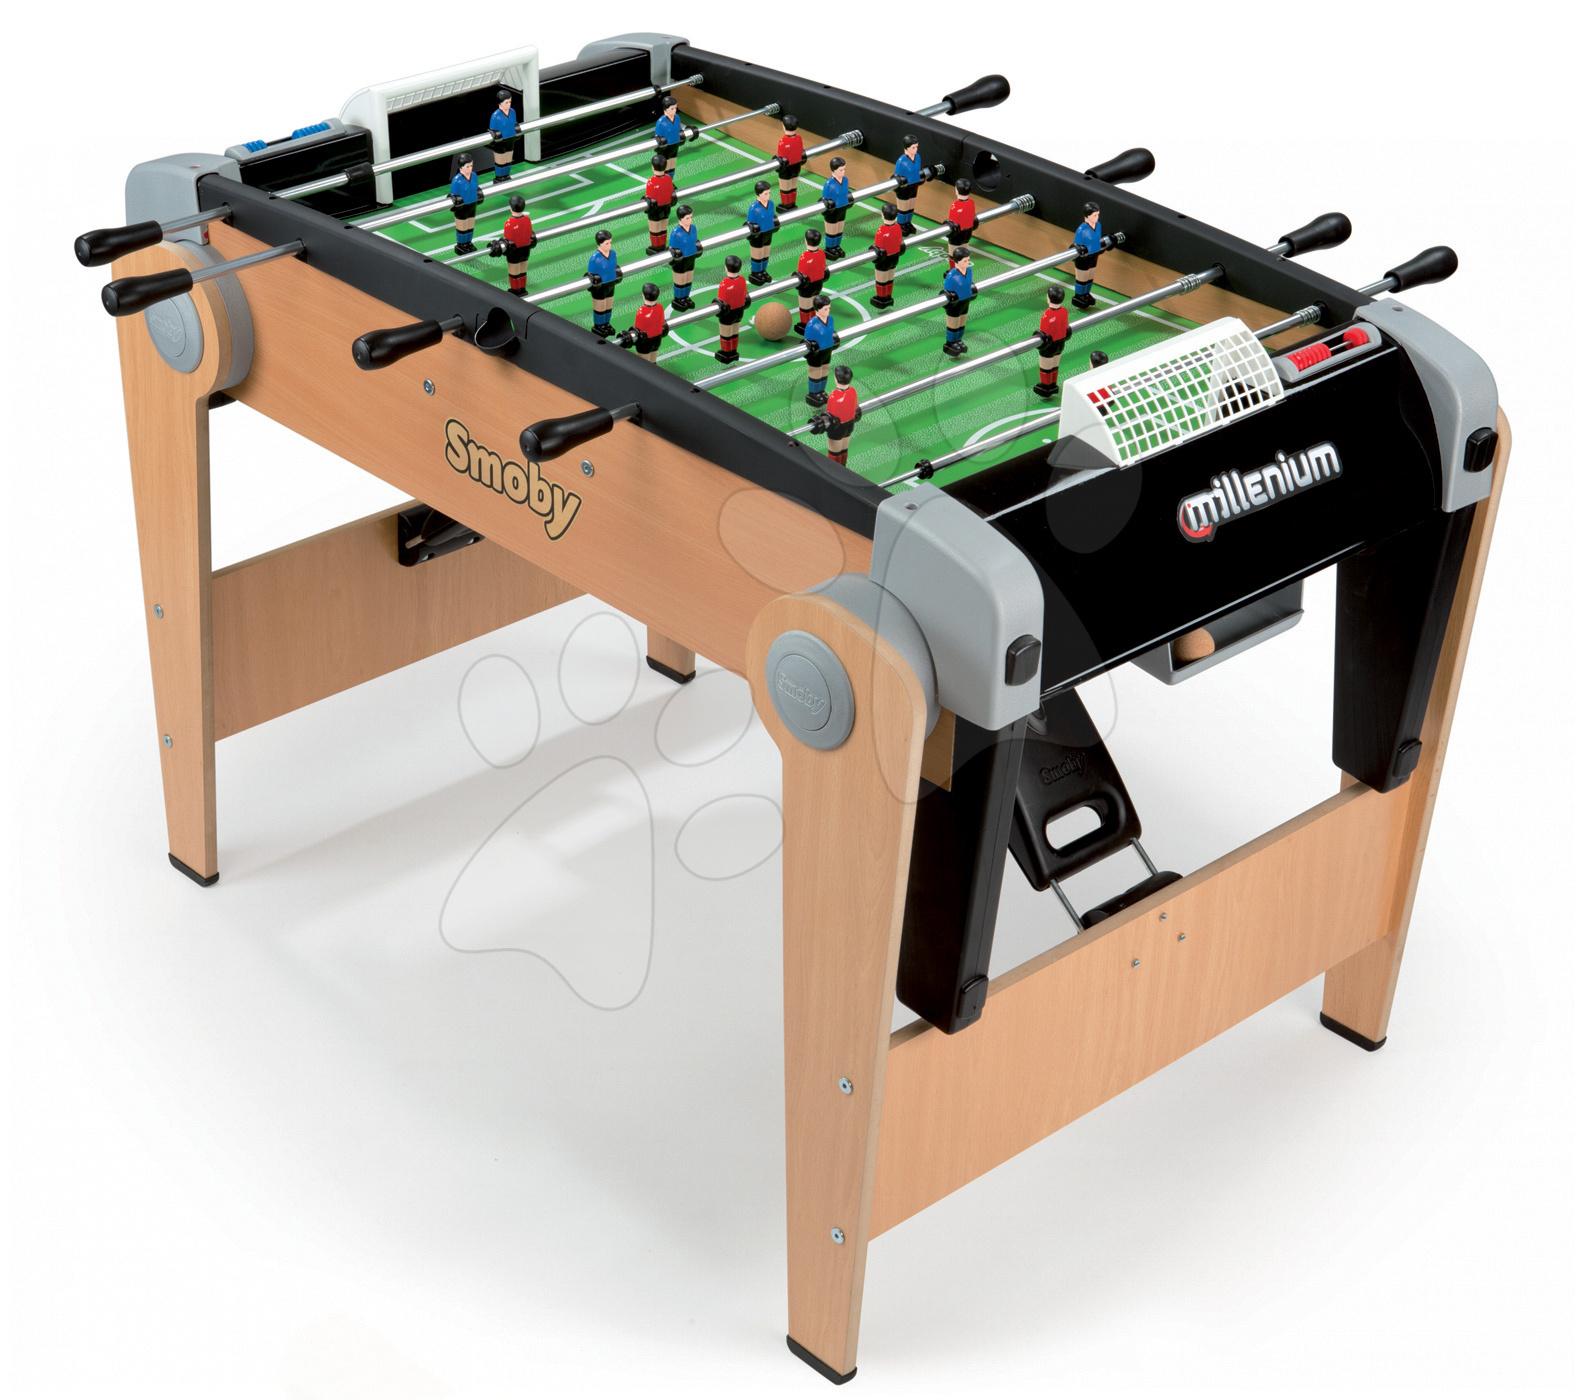 Stolný futbal - Drevený futbalový stôl Millenium Smoby skladací od 8 rokov